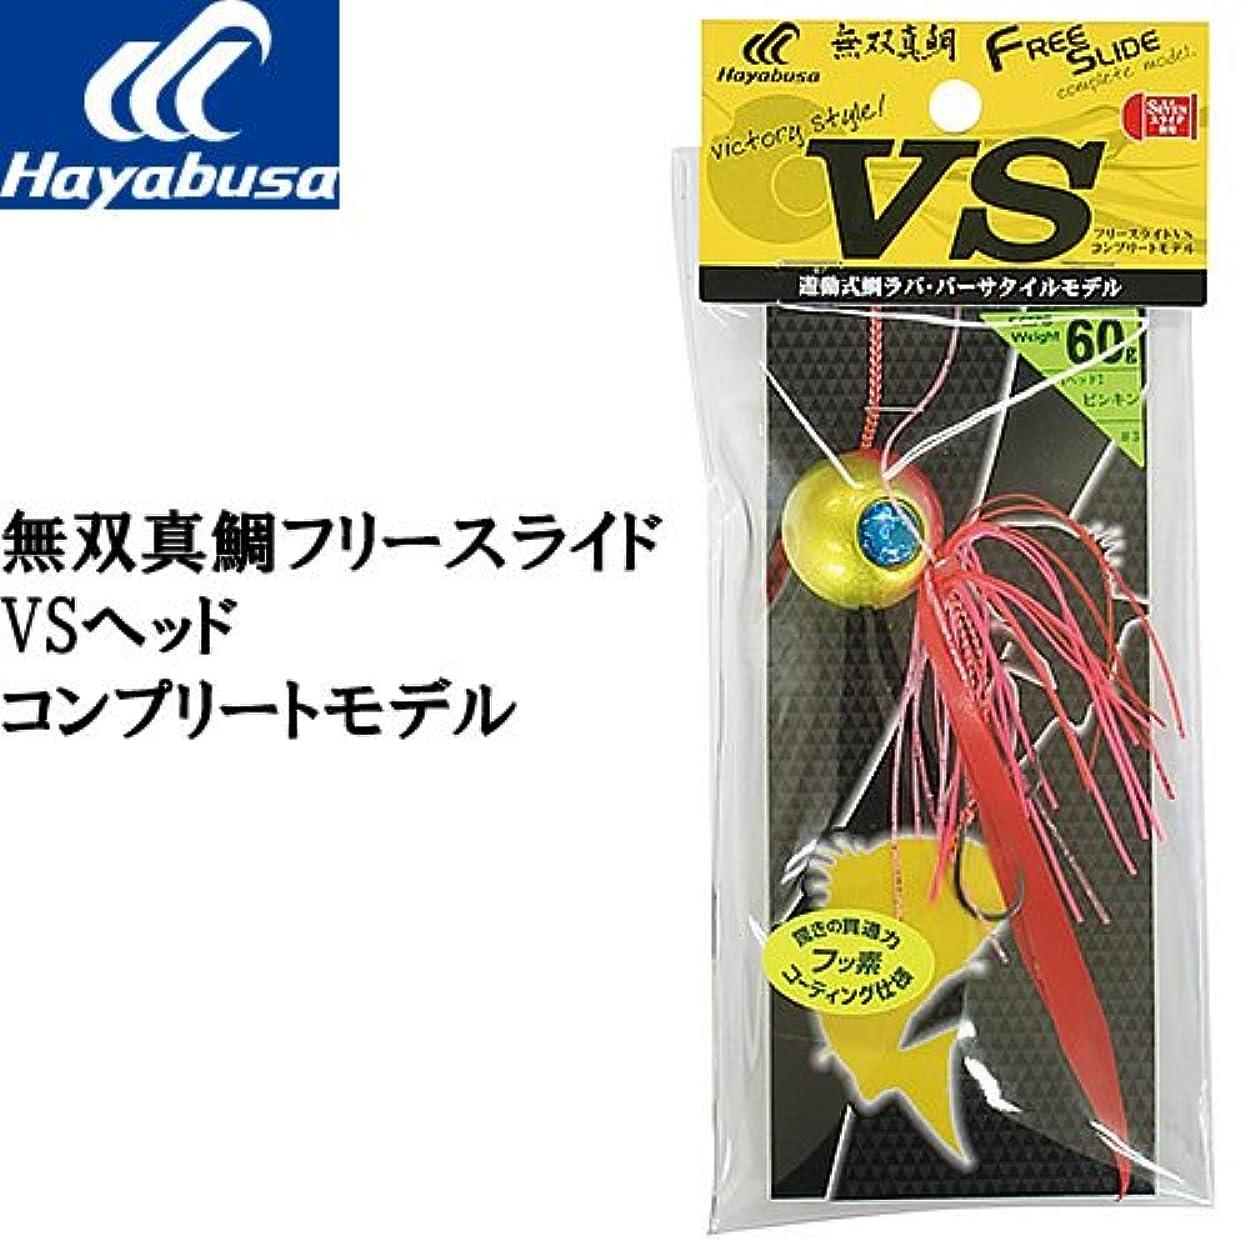 エイリアスロープクレアハヤブサ(Hayabusa) メタルジグ ルアー 無双真鯛フリースライド VSヘッド コンプリートモデル 90g 海老オレンジ #5 SE170